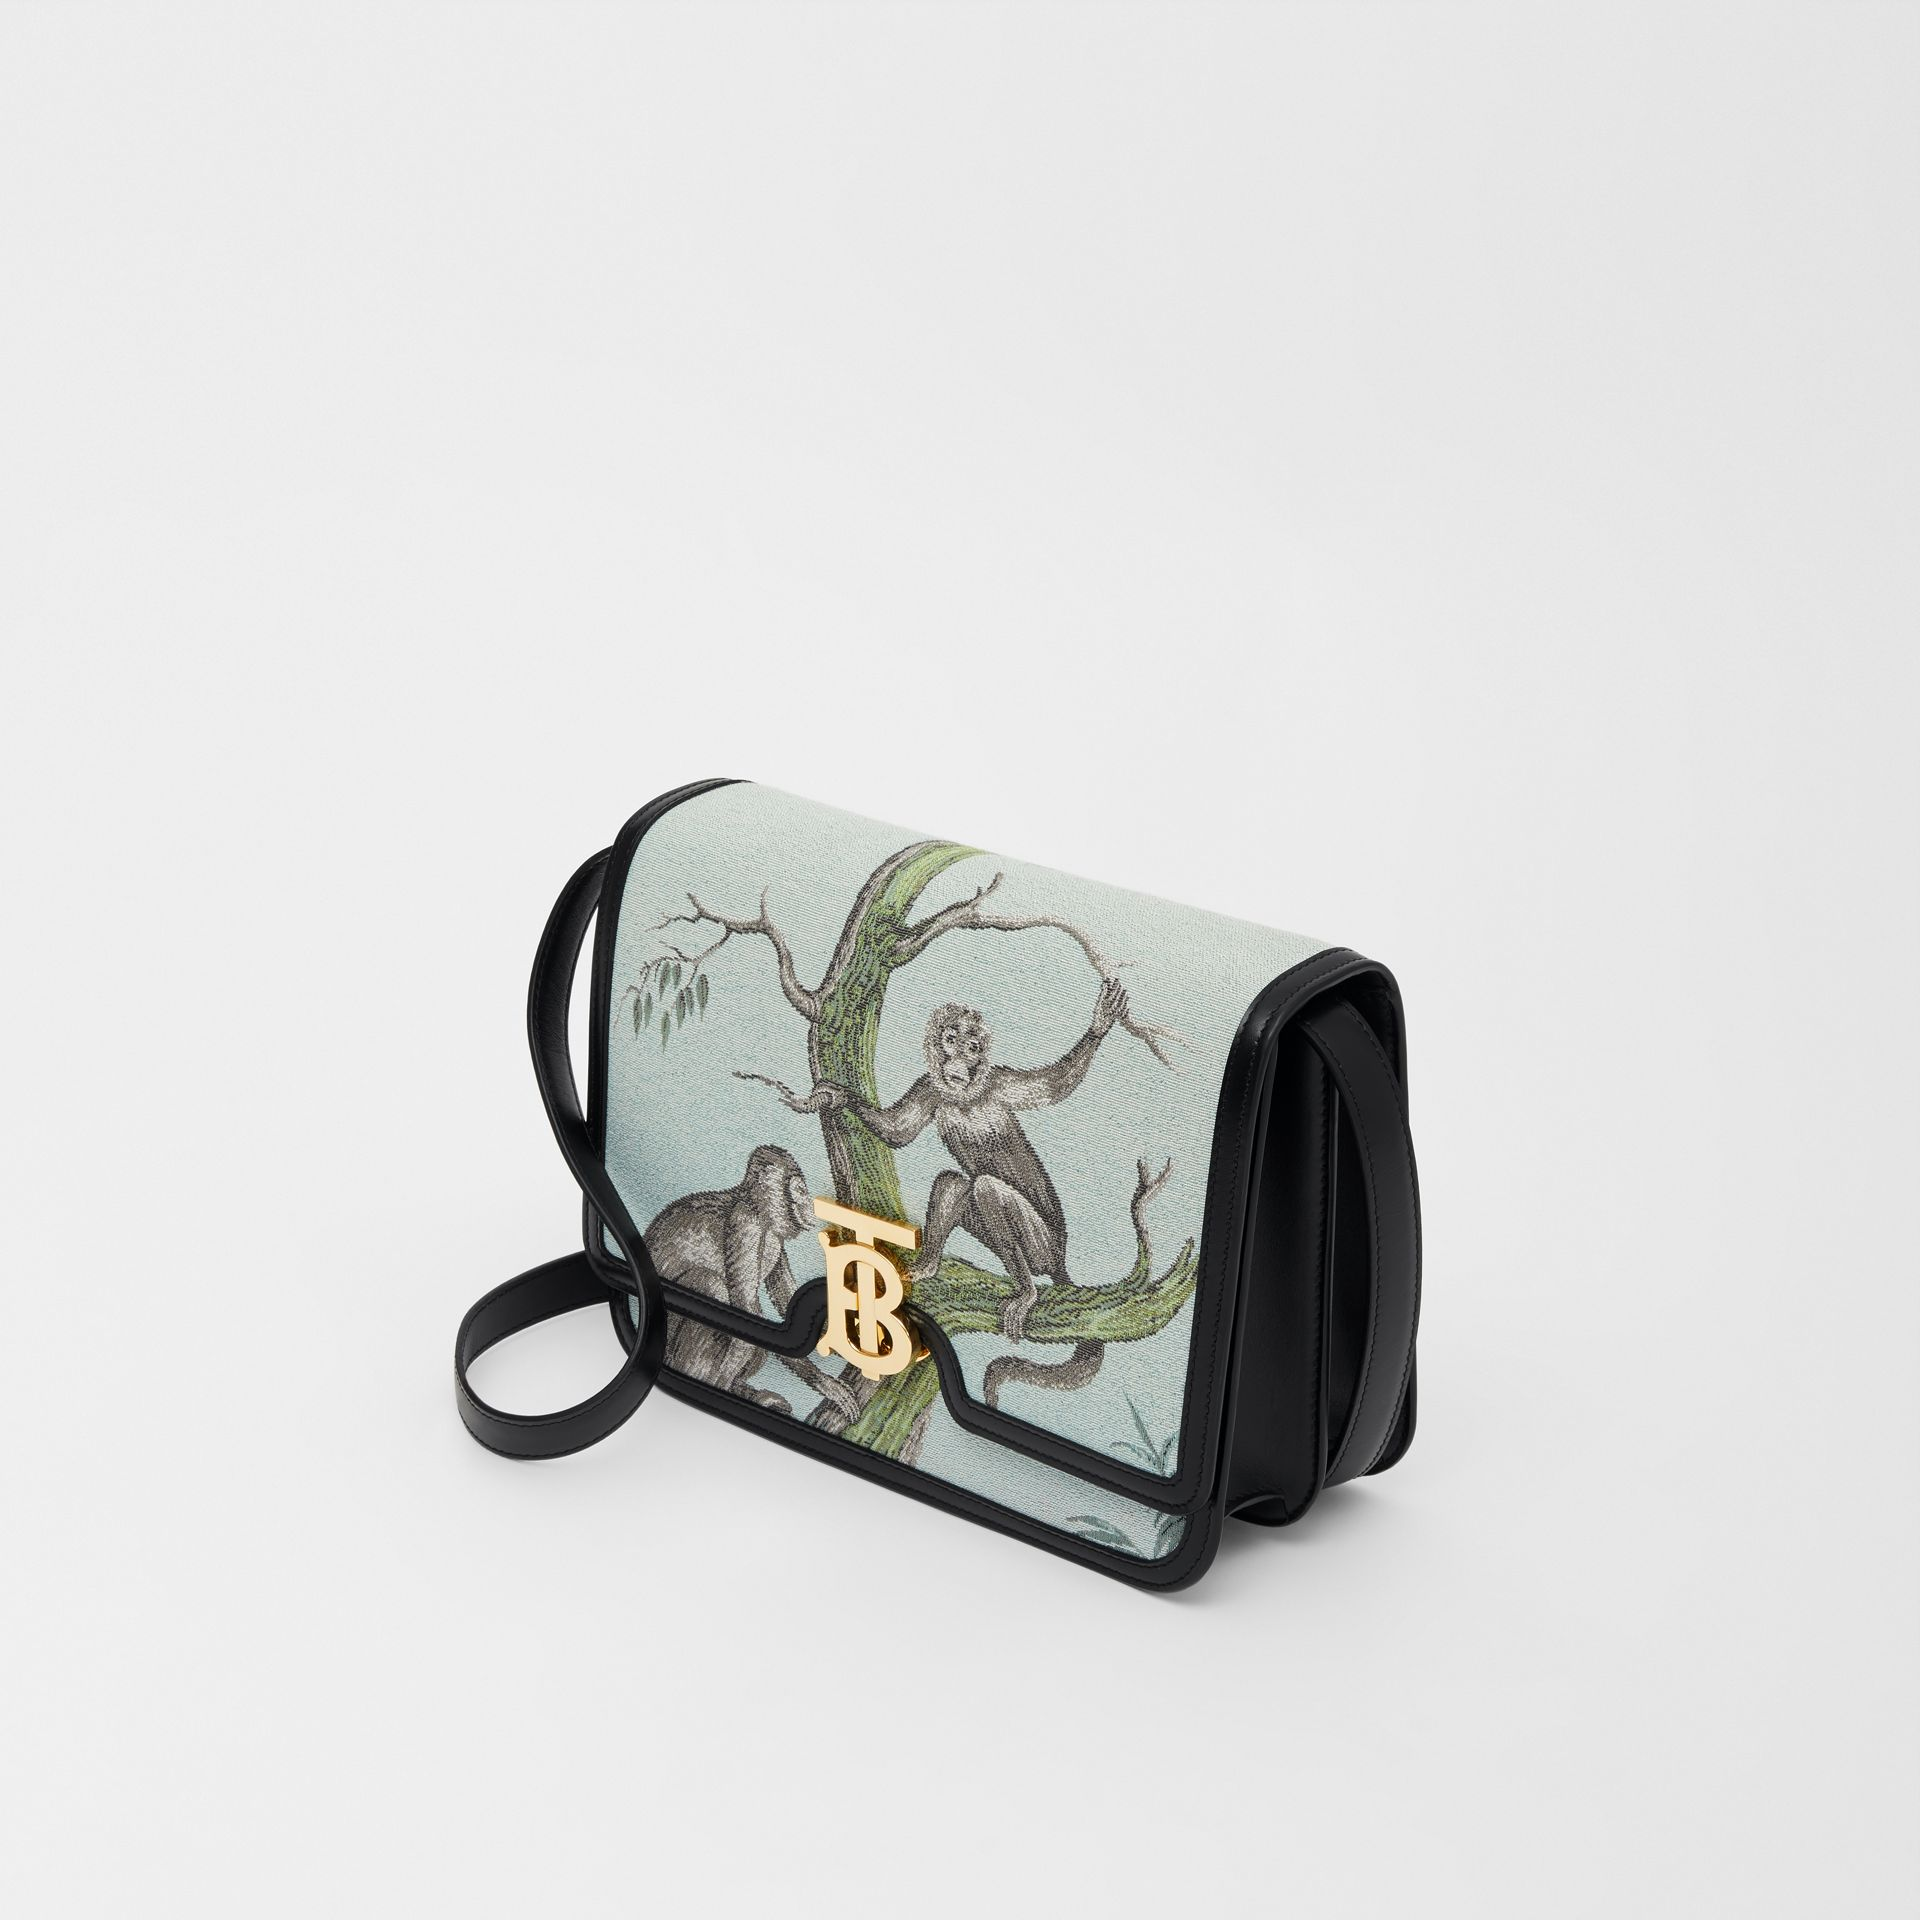 Bolsa TB de couro com recorte de macacos em jacquard - Pequena (Preto/verde Opala) - Mulheres | Burberry - galeria de imagens 3